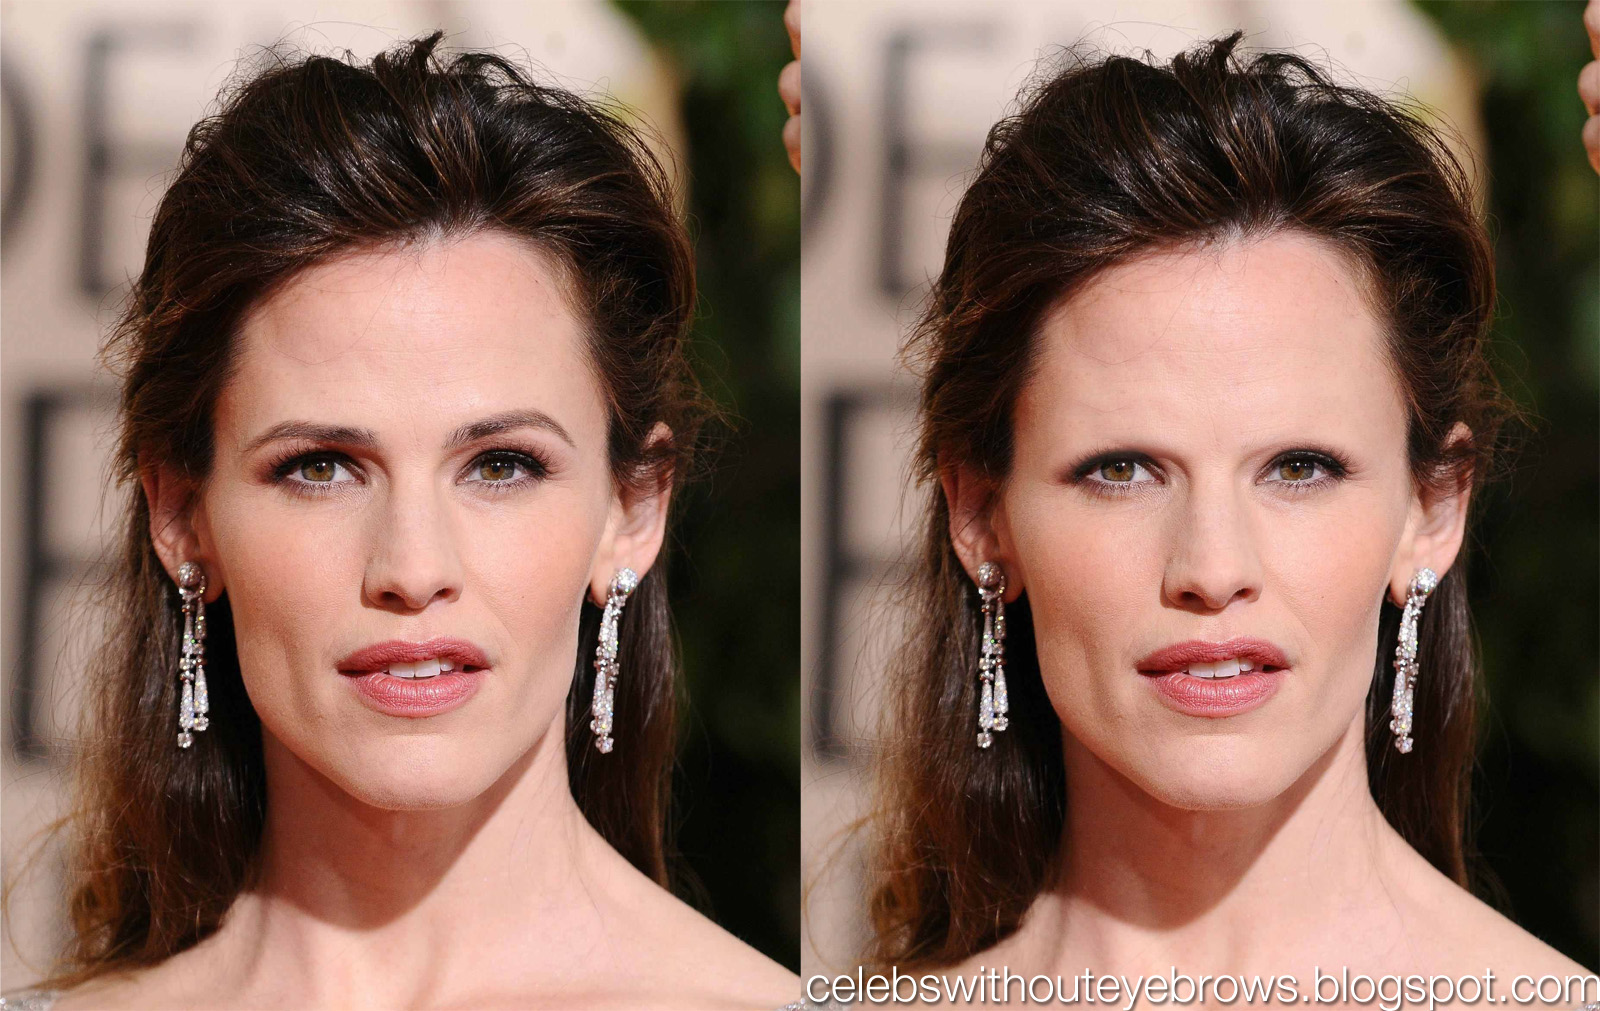 Celebs Without Eyebrows: Jennifer Garner